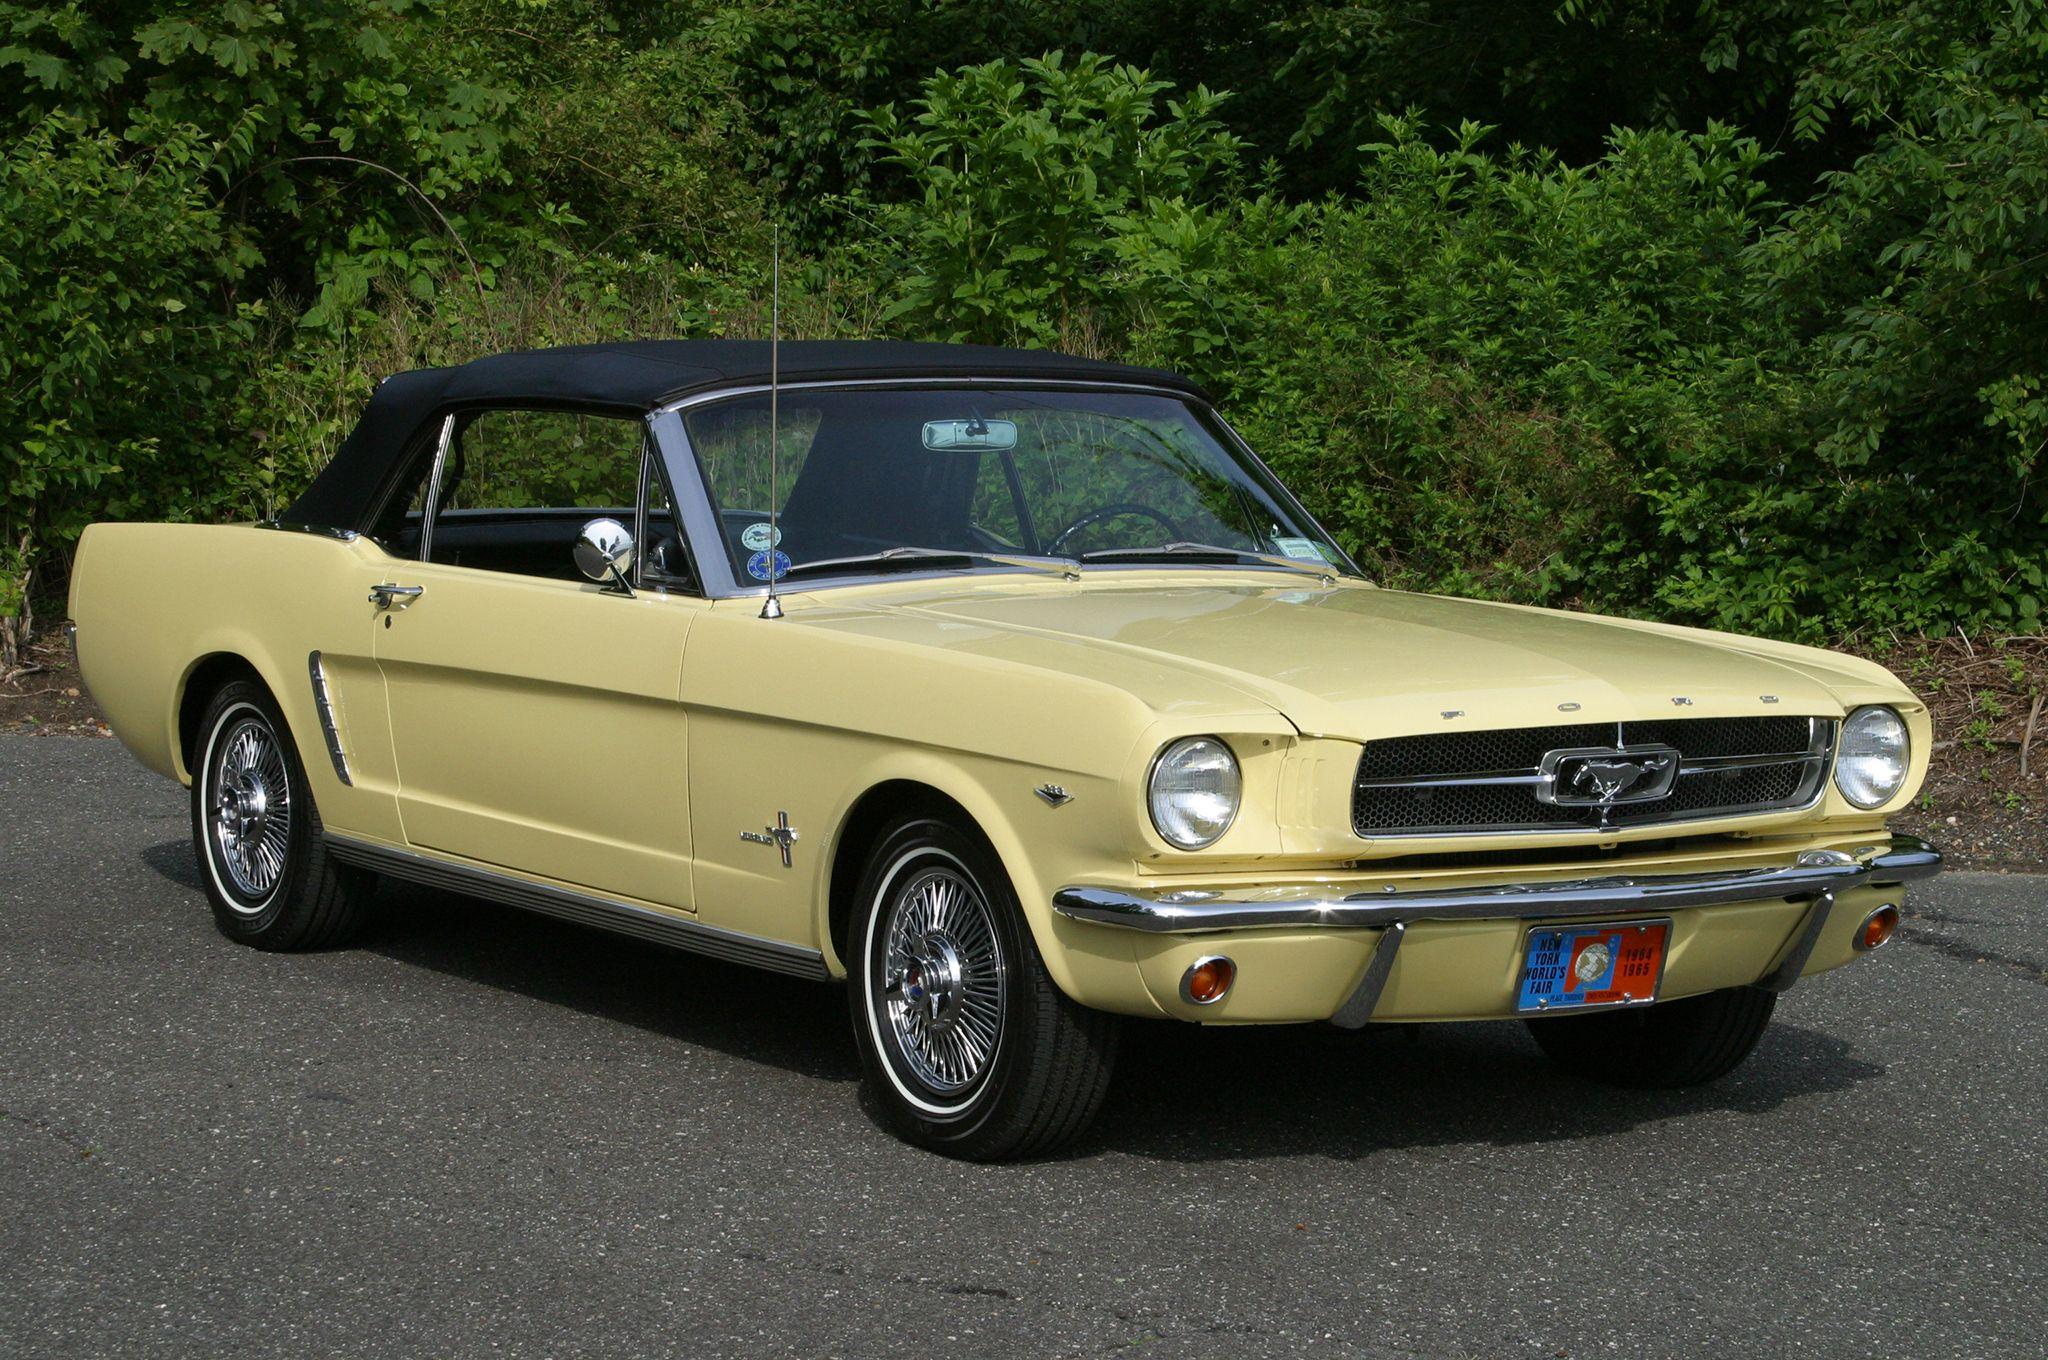 Ford mustang 1964 recherche google